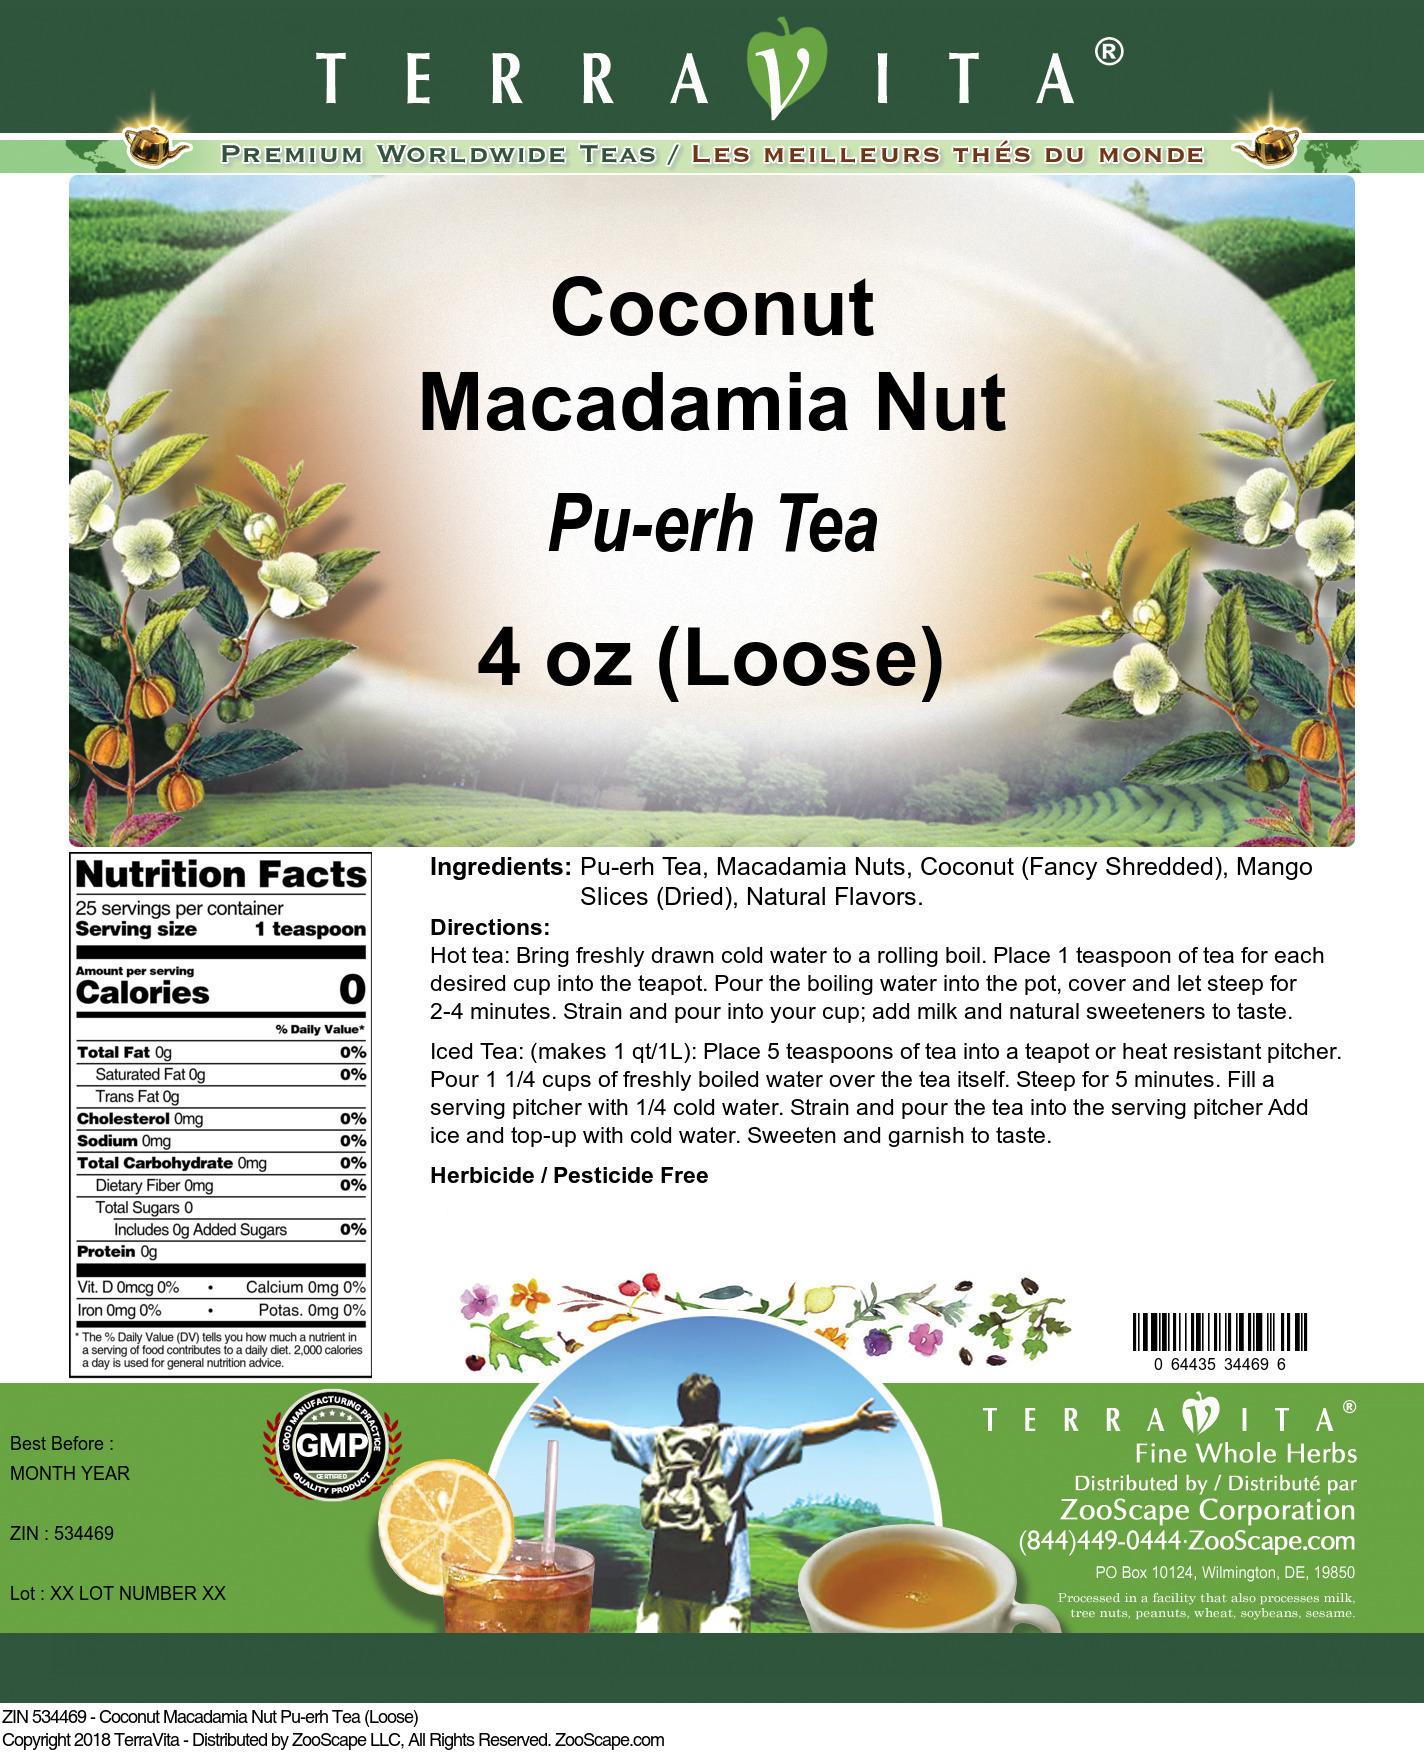 Coconut Macadamia Nut Pu-erh Tea (Loose)